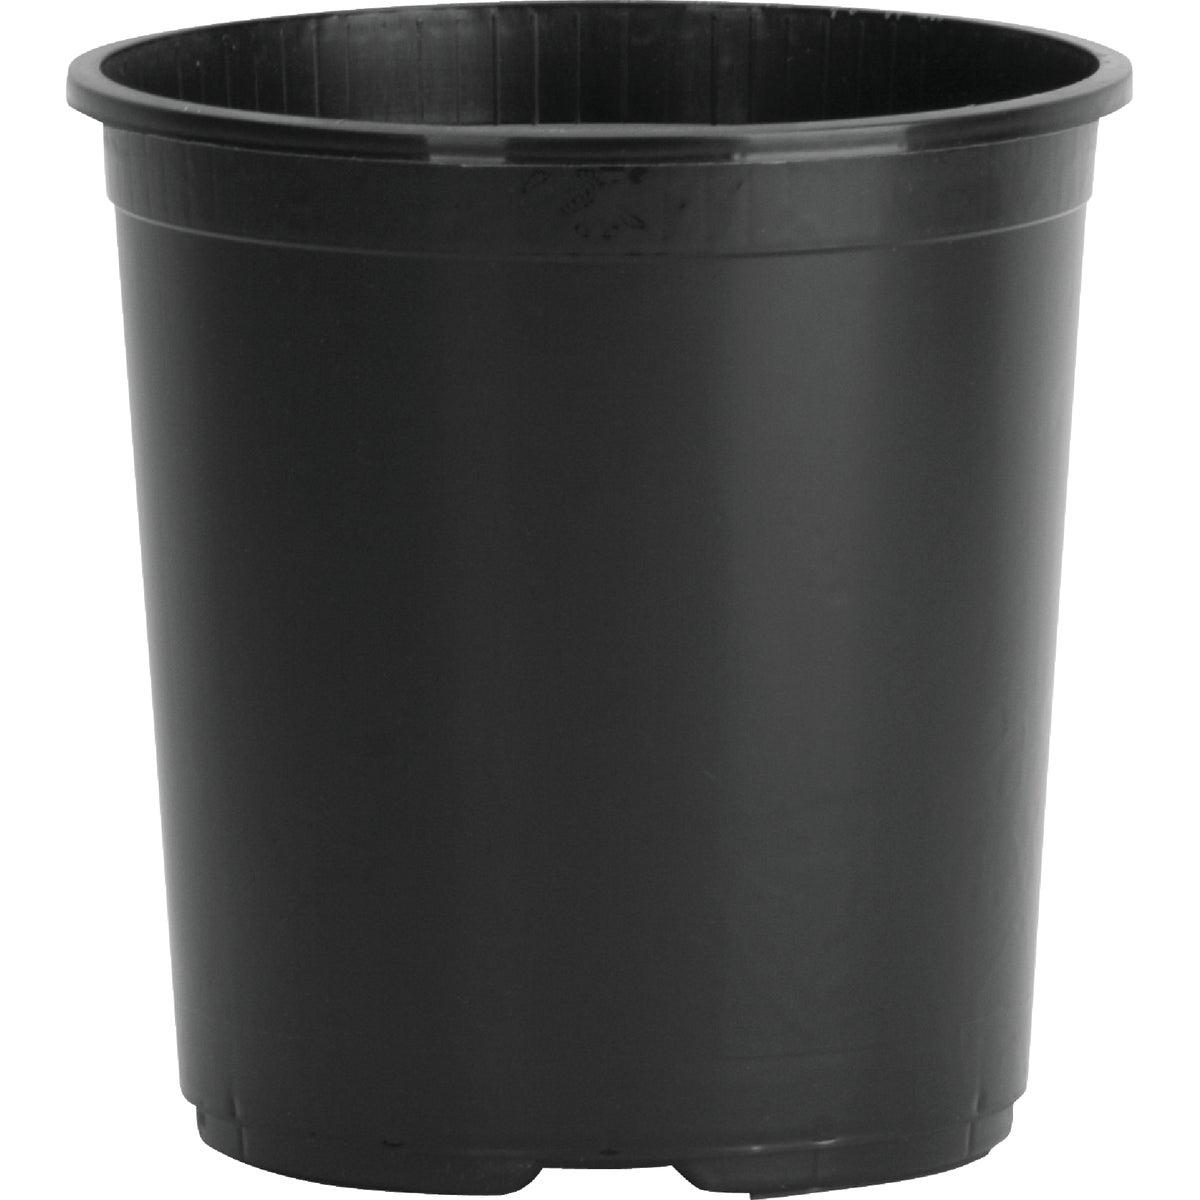 3 GAL BLACK SQUAT POT